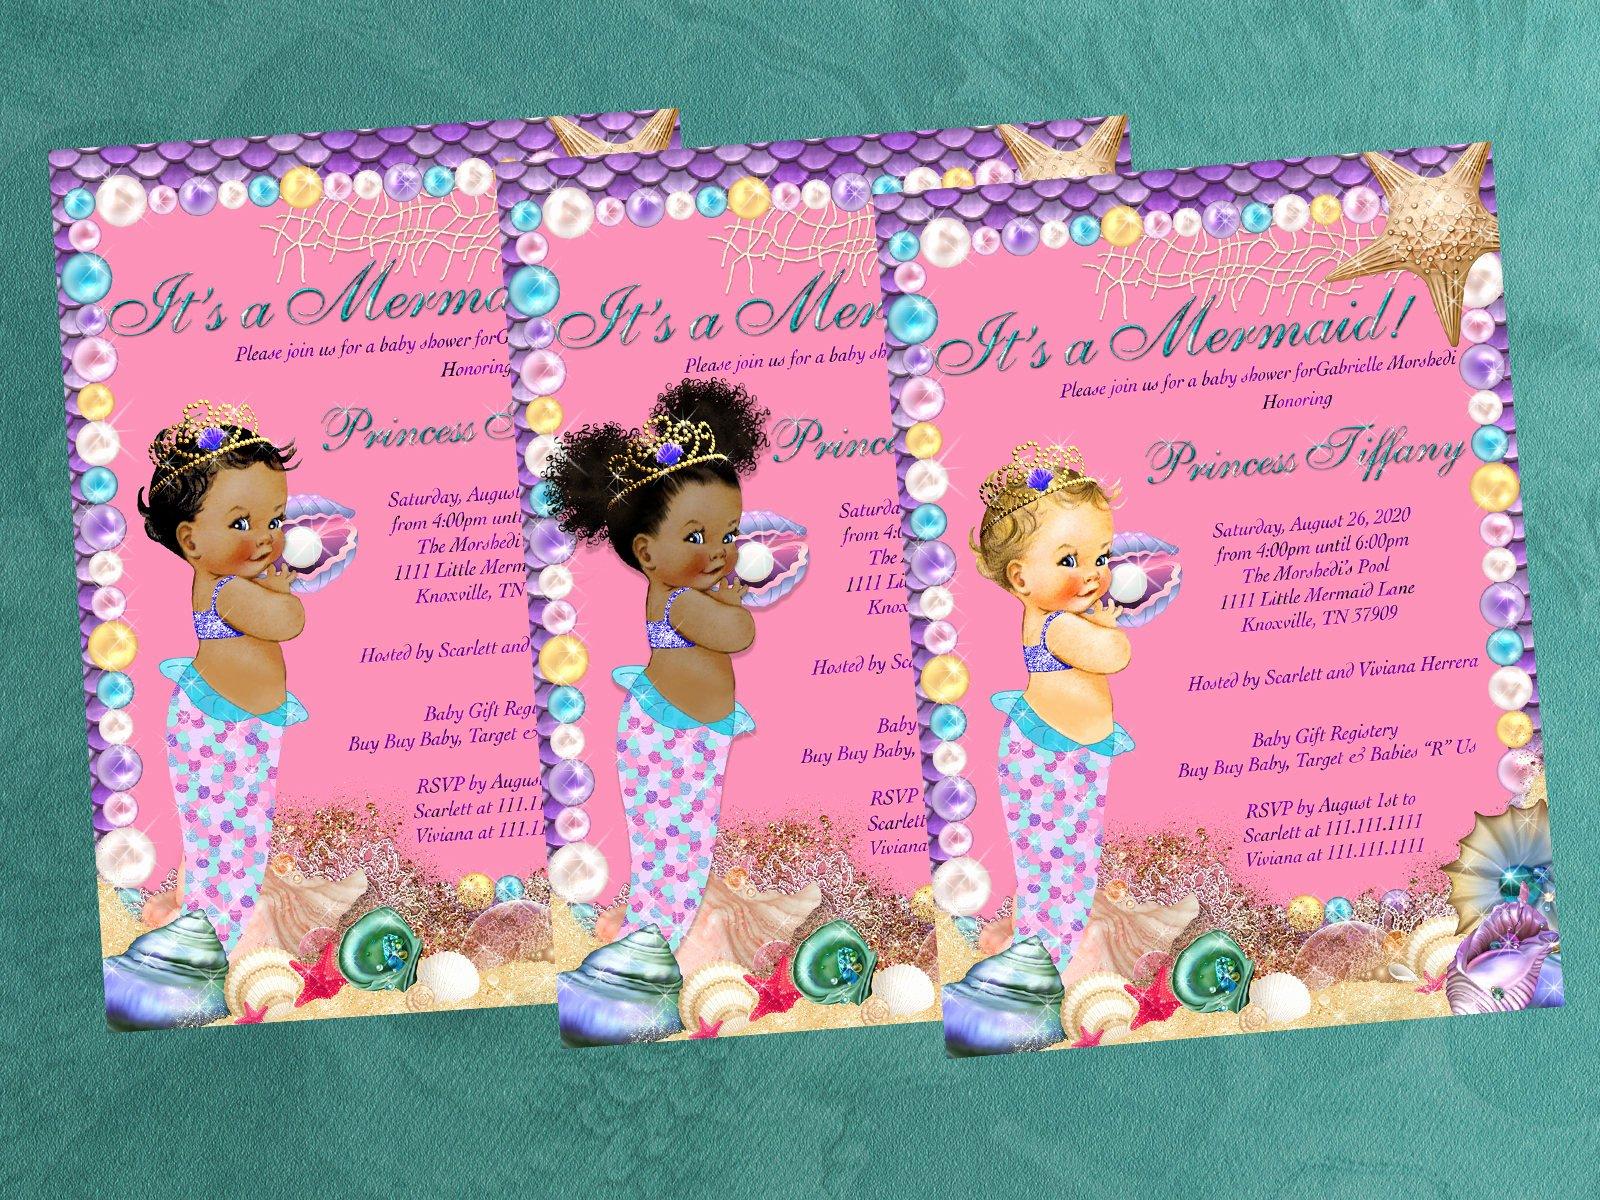 Mermaid Baby Shower Invitations Luxury Baby Shower Invitation Mermaid Baby Shower Mermaid